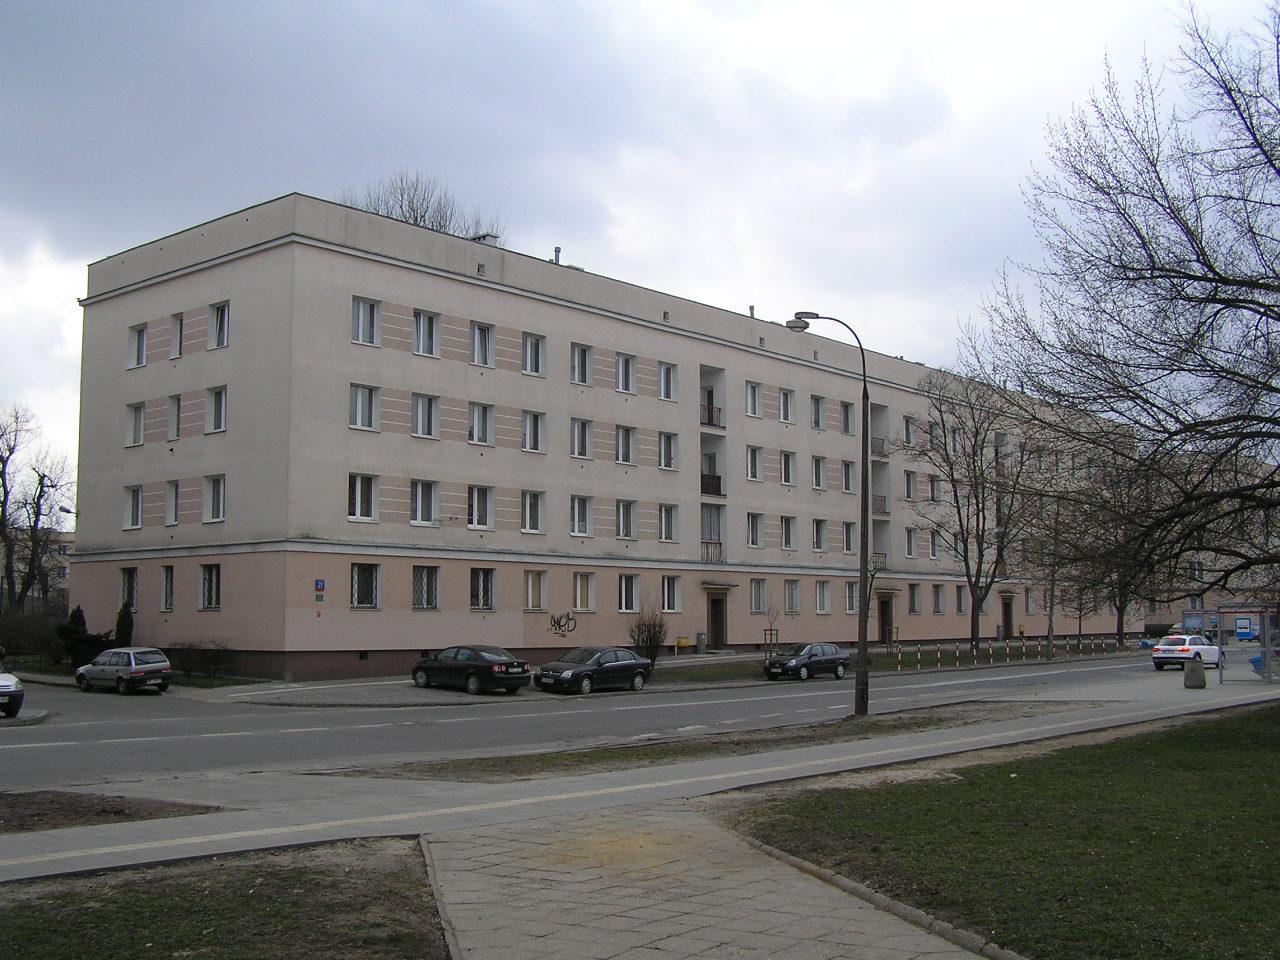 Budynek przy ulicy Dwernickiego 21 na Grochowie